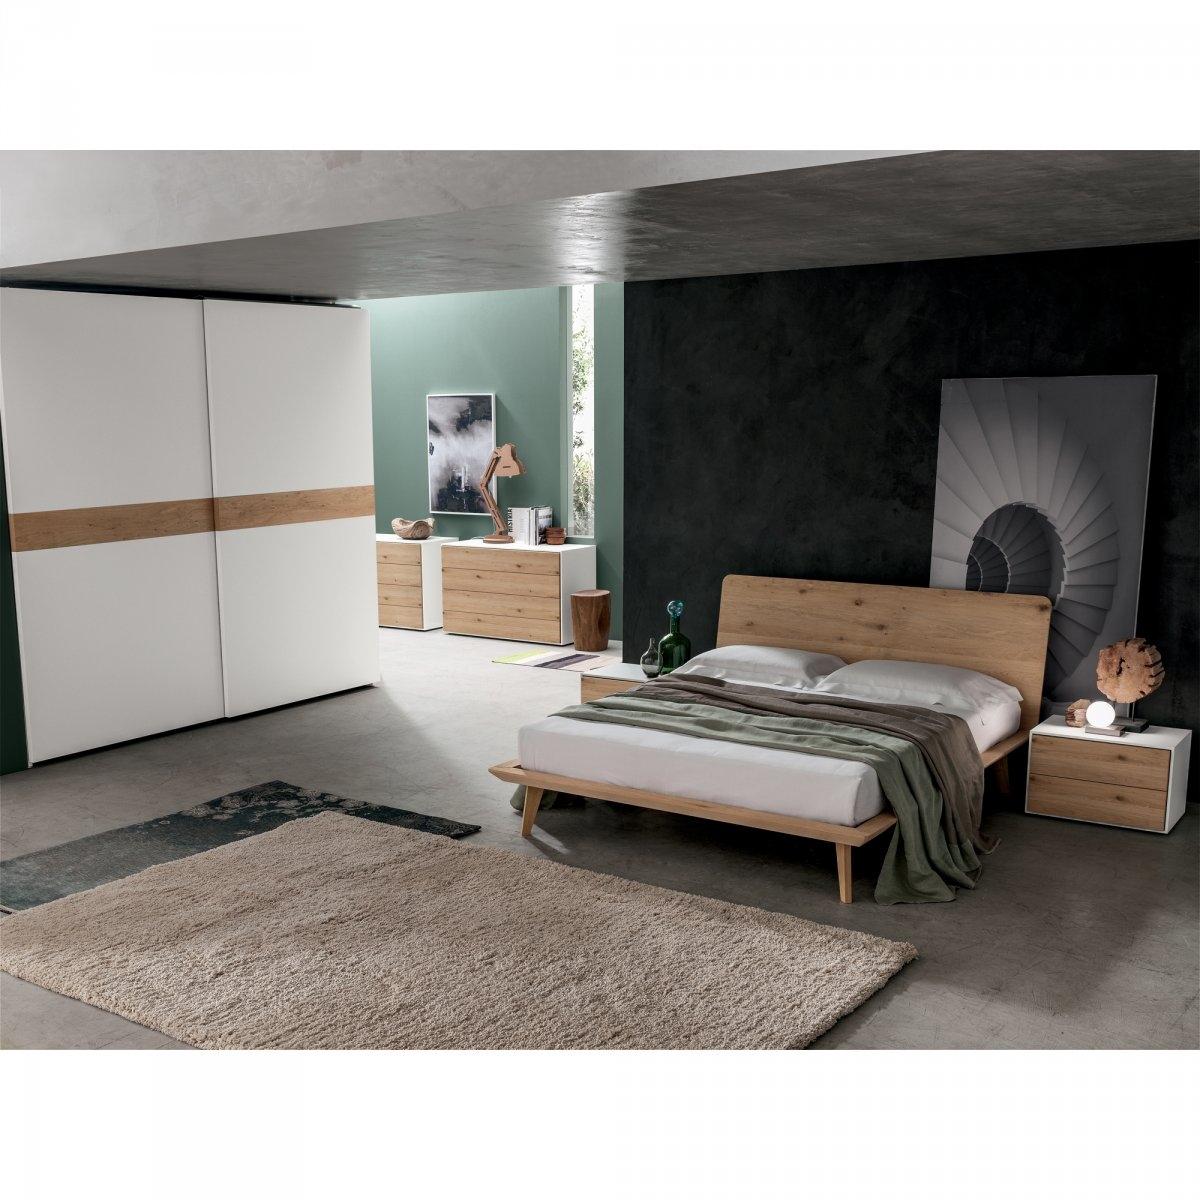 Letto in legno santa lucia modello talak con comodino modello quadro 33 letti a prezzi scontati - Rino gaetano nel letto di lucia ...